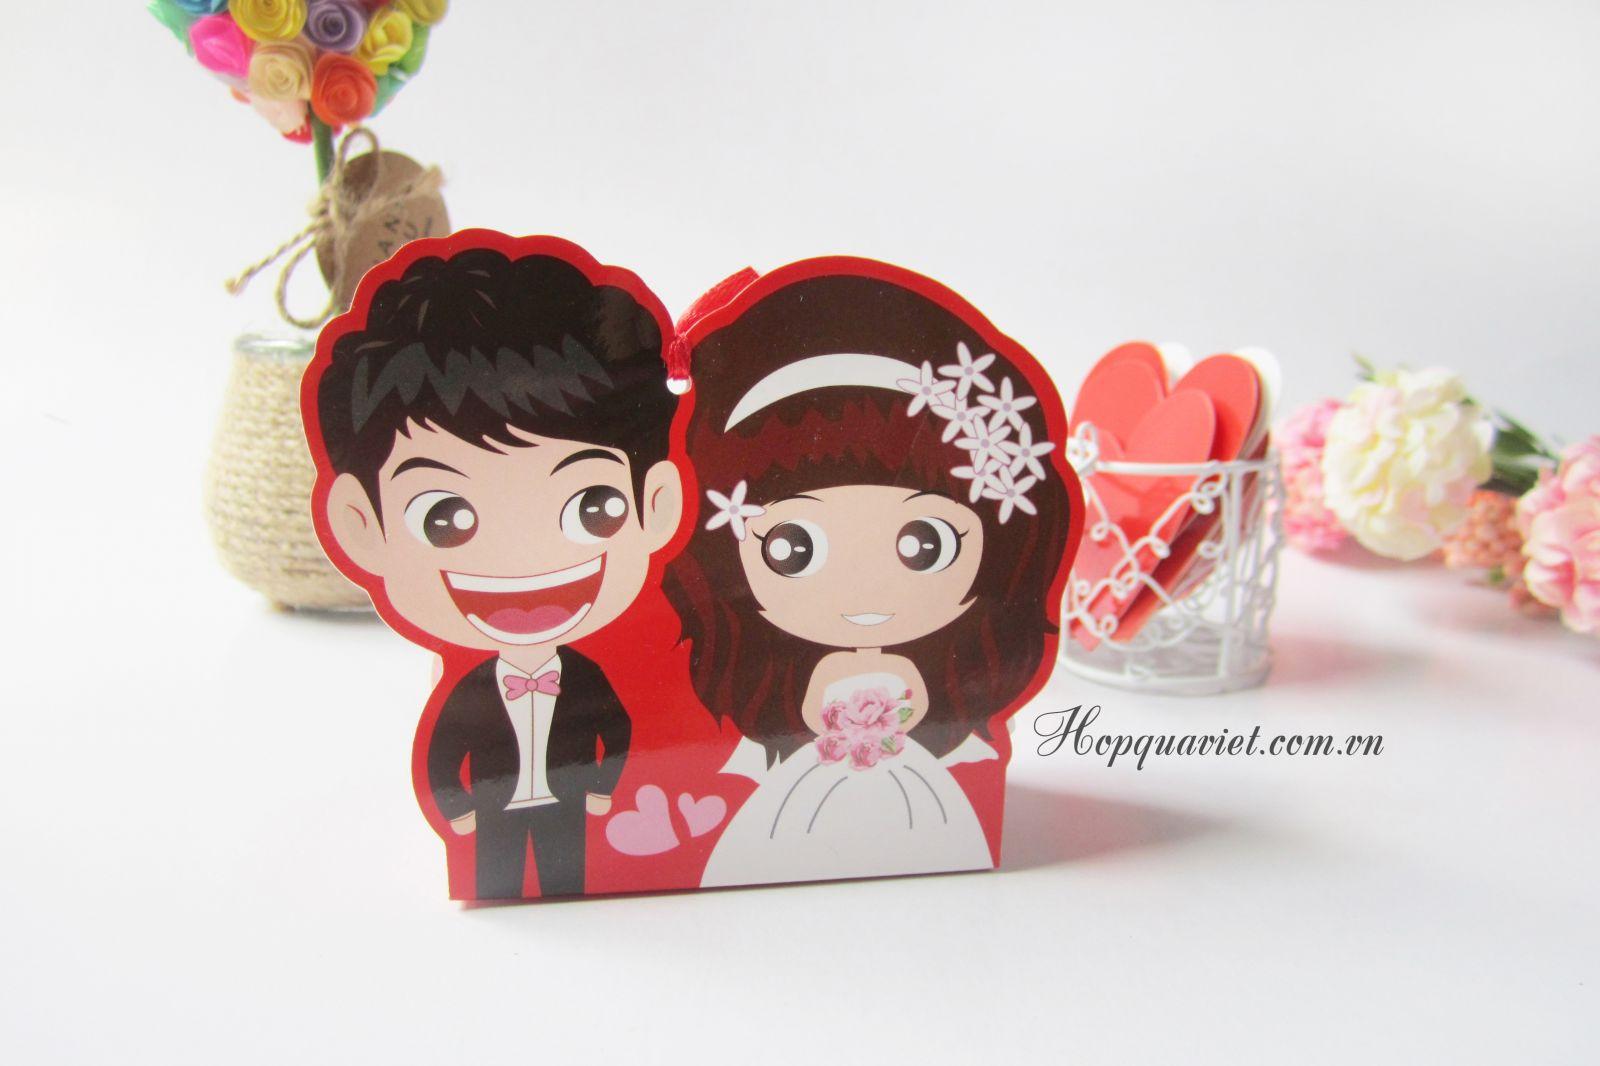 Hộp quà cưới cô dâu-chú rể đáng yêu 13D